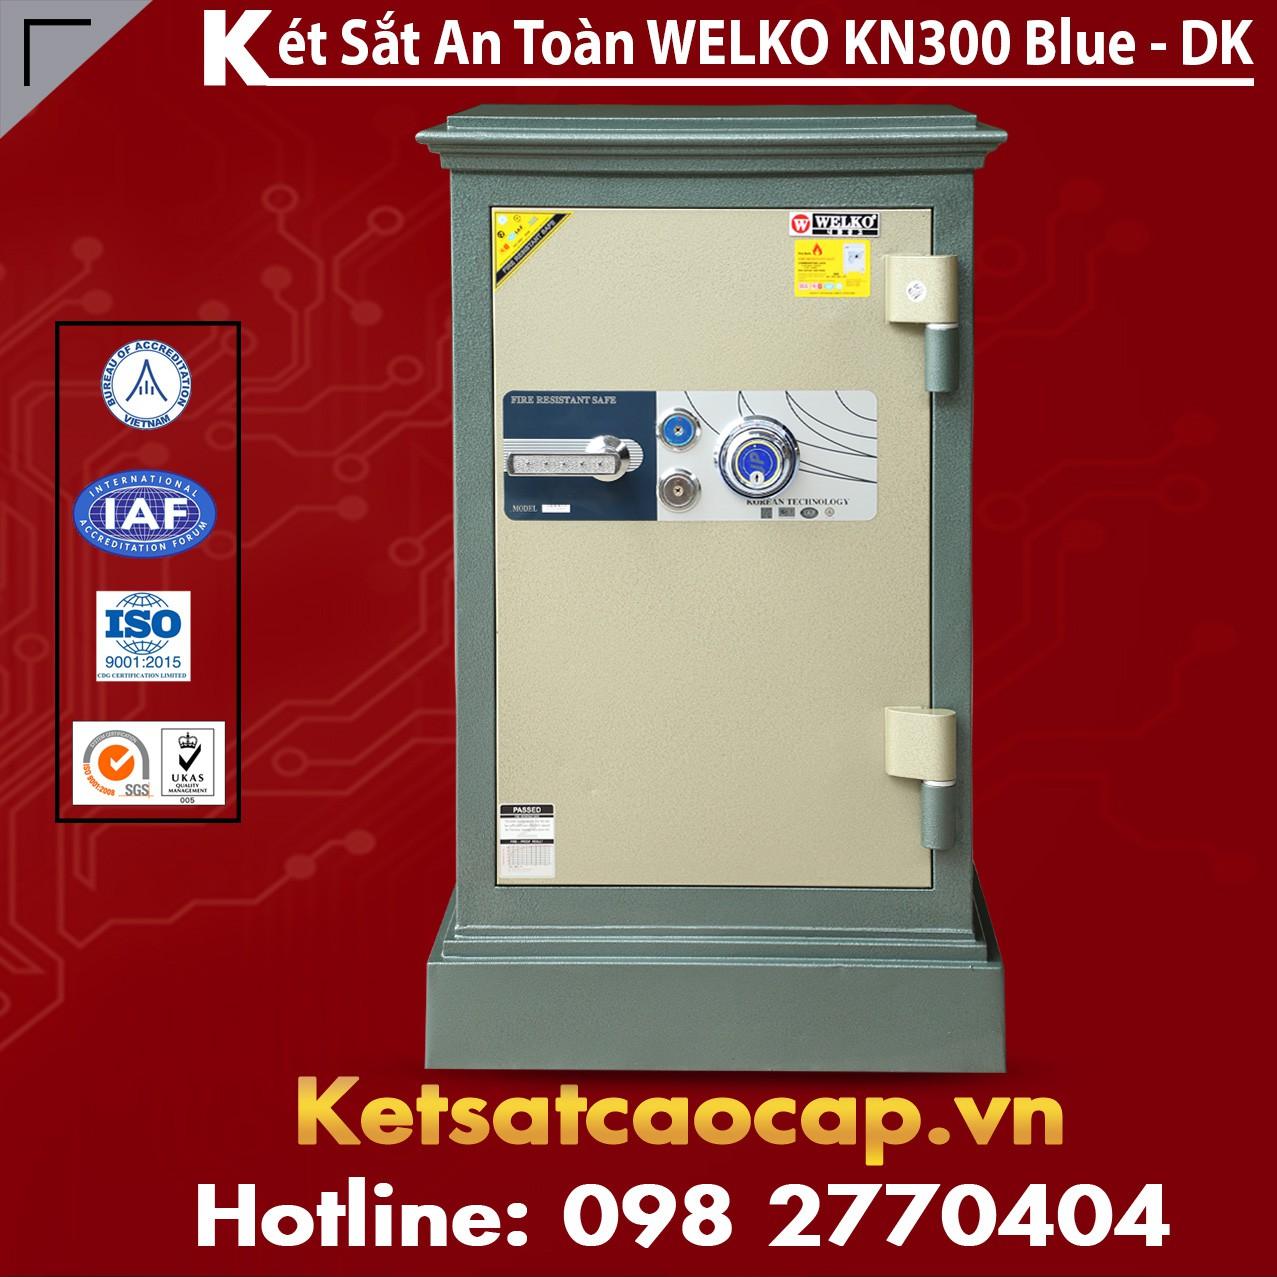 Két Sắt Thanh Hóa WELKO KN300 BLUE - DK